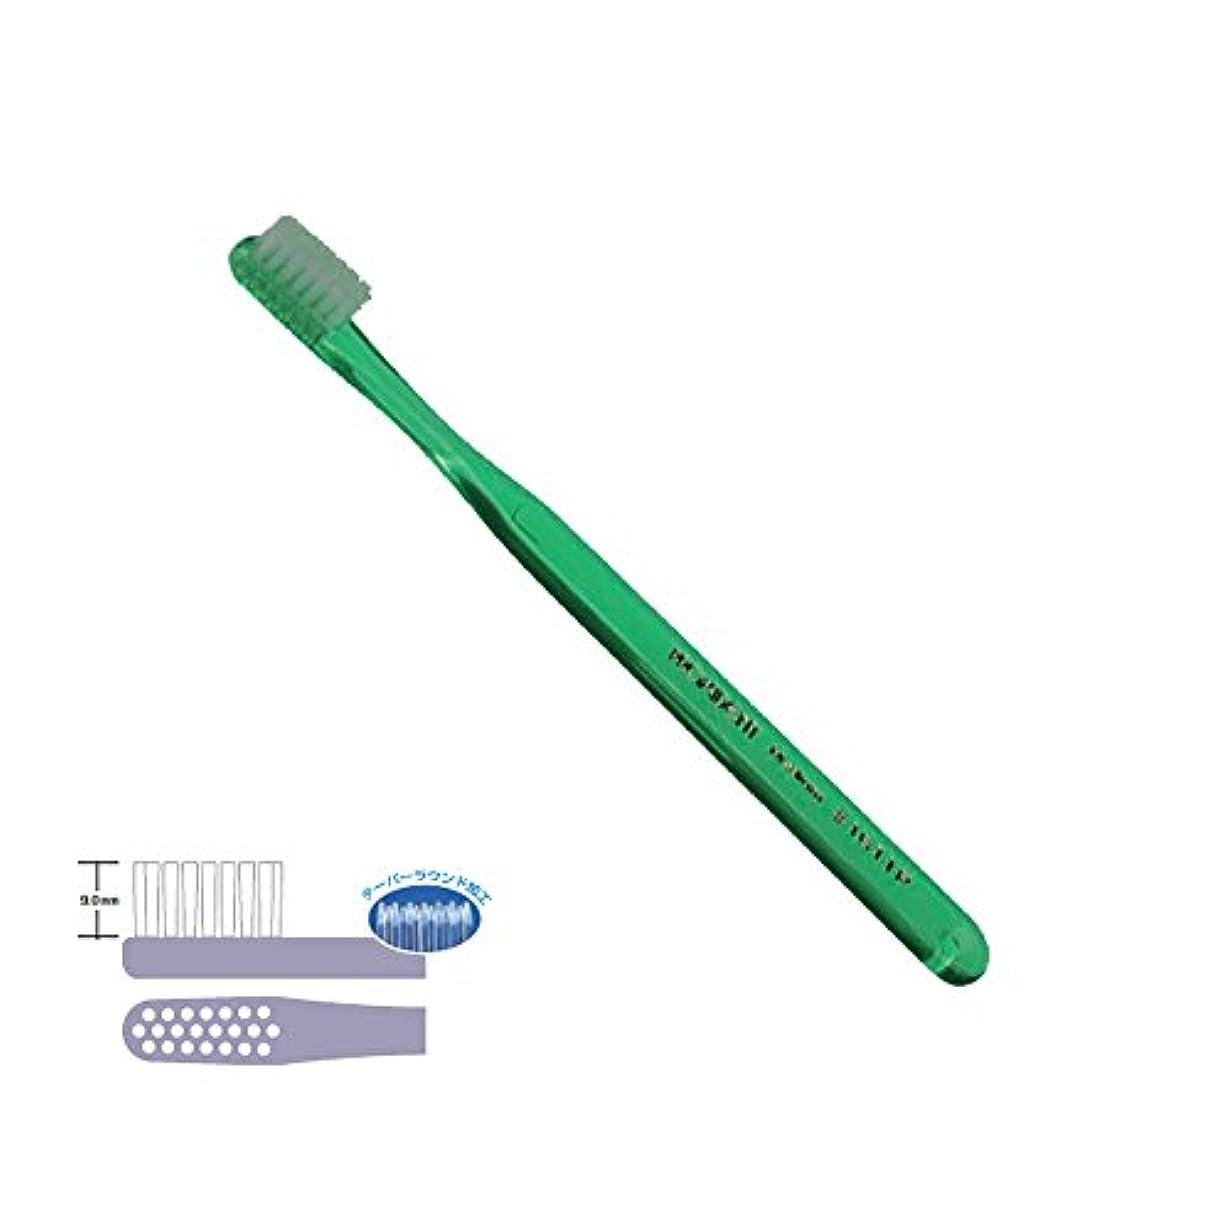 スーダン盟主ベックスプローデント プロキシデント #1611P 歯ブラシ 50本入 10本 × 5色 【コンパクトヘッド】【ミディアム】【キャップ付】